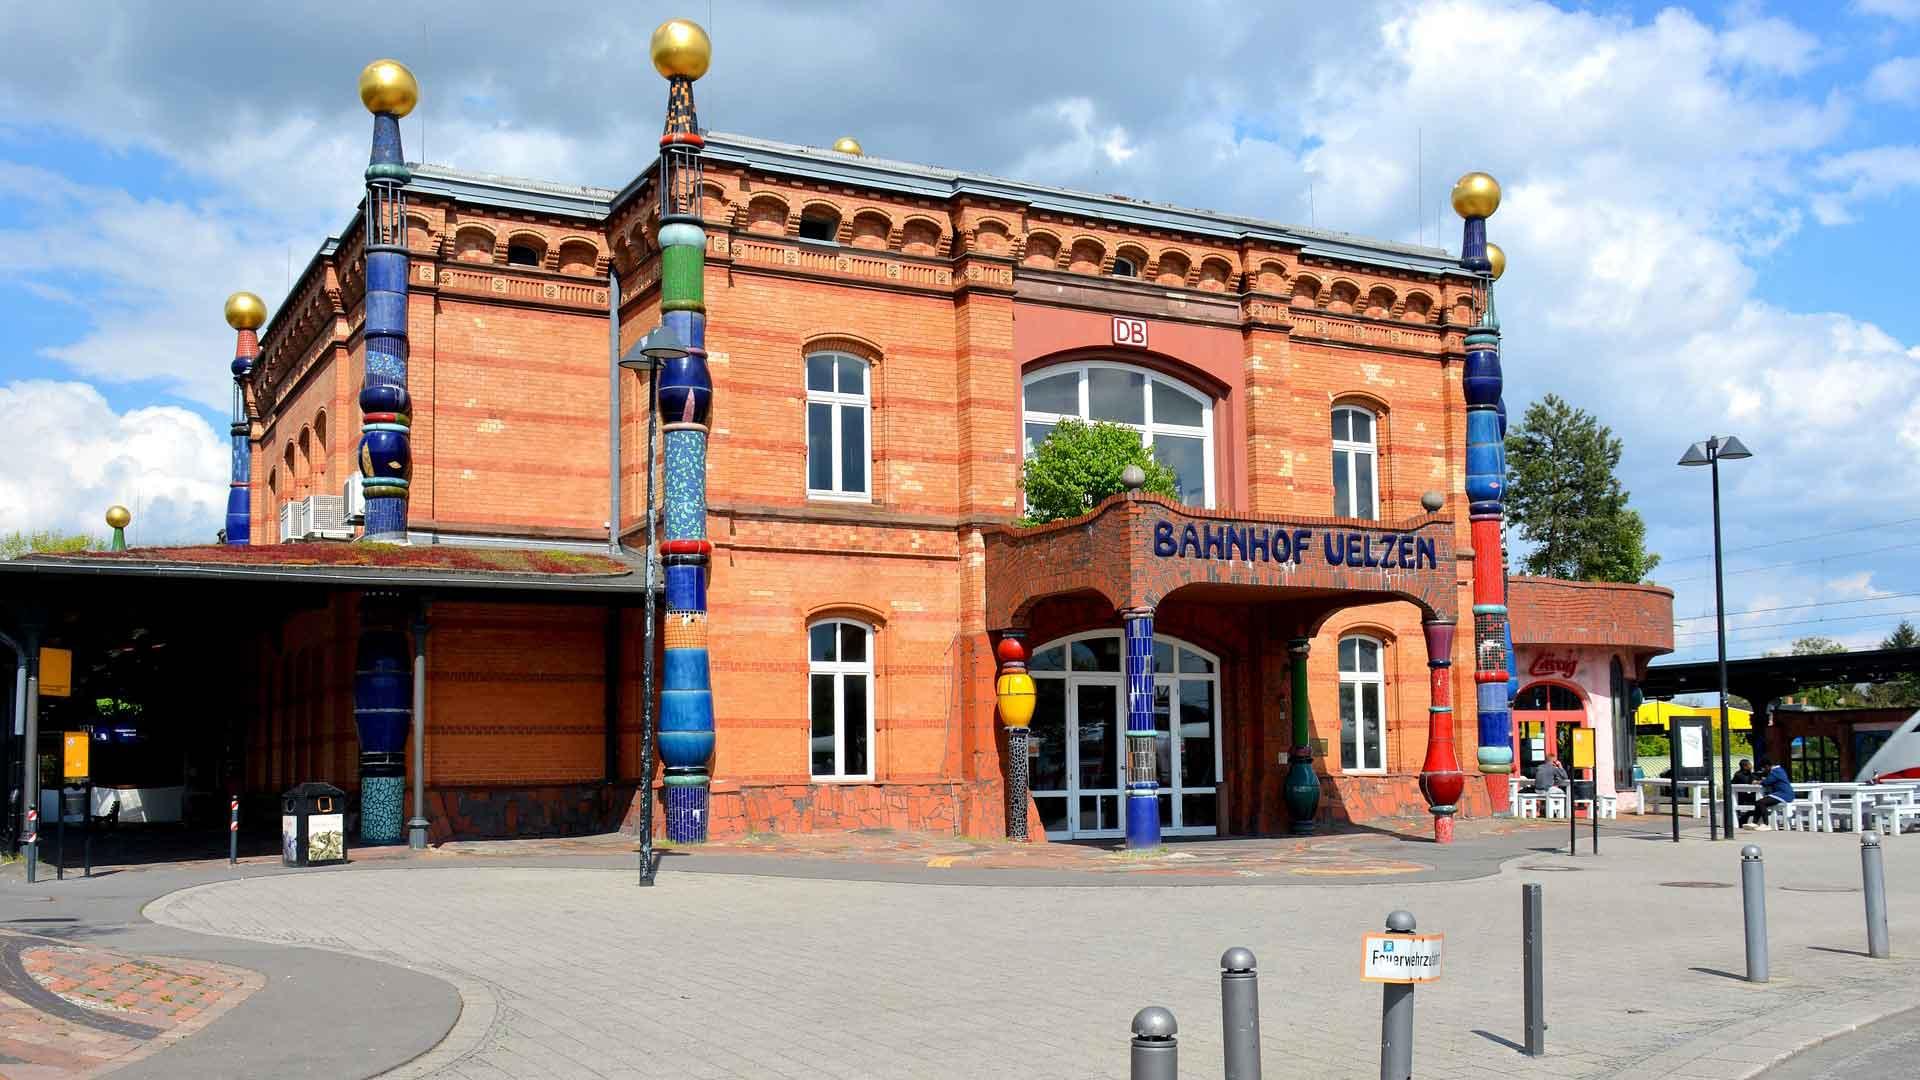 Het station in de stijl van Hundertwasser in Uelzen.